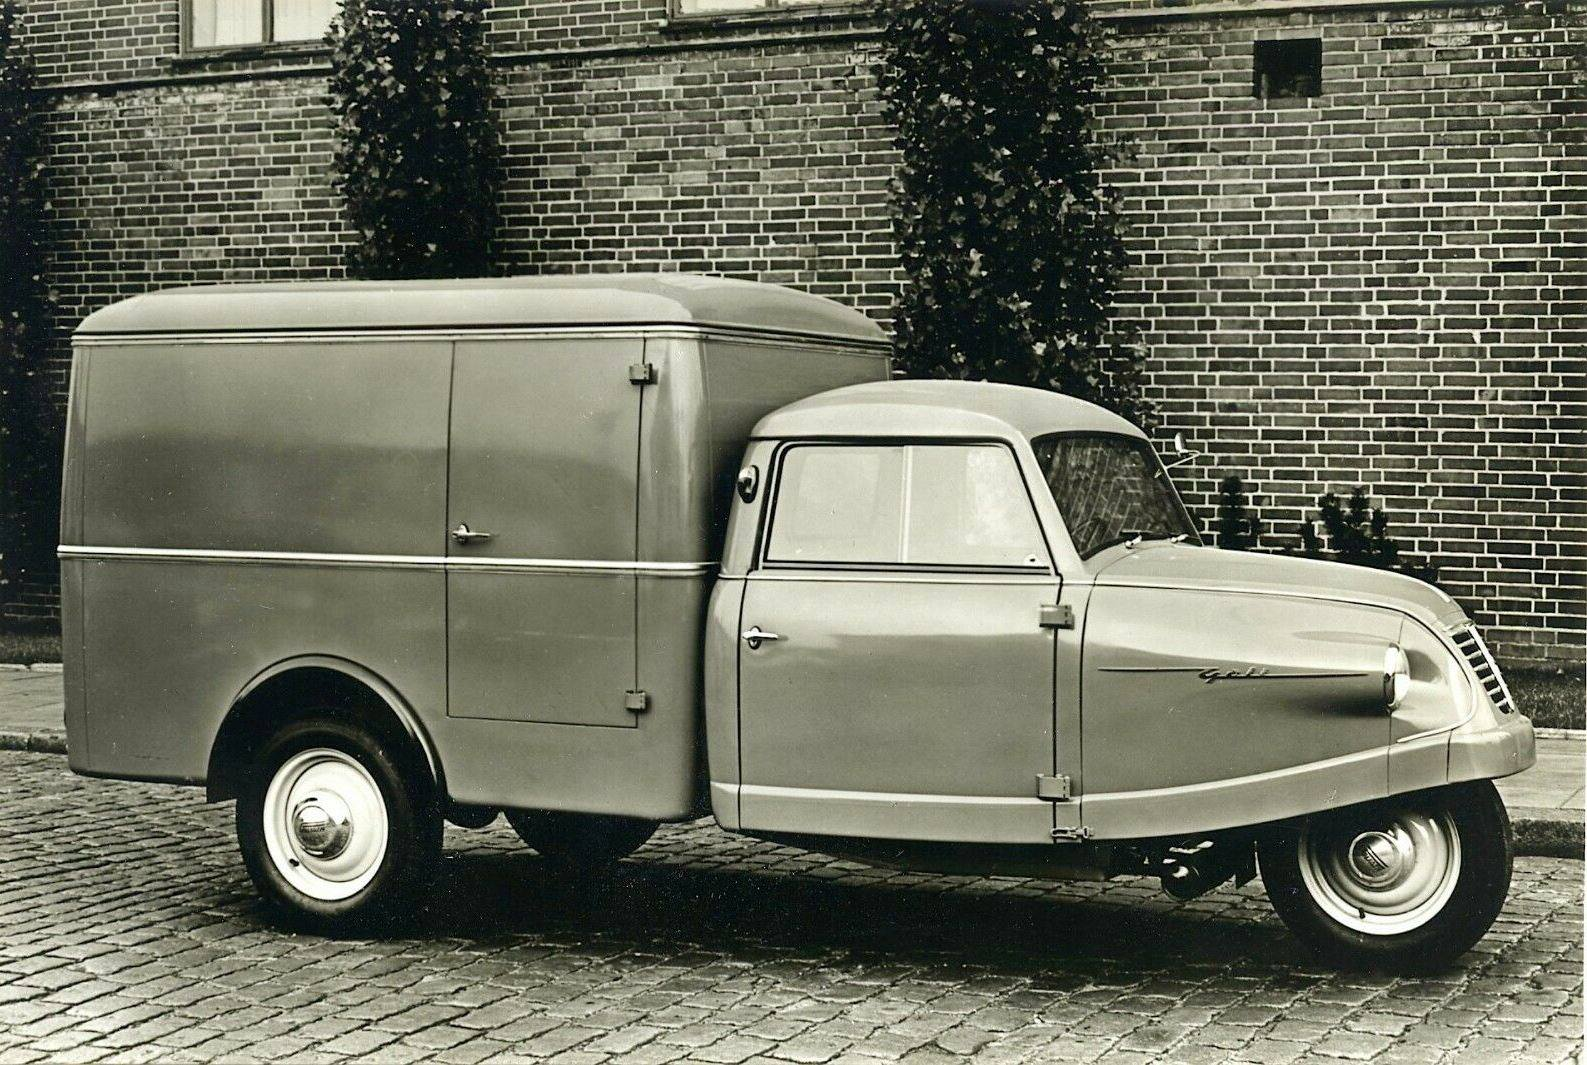 Goliath-Dreirad-Kleinlastwagen-Goli-Kofferaufbau-Werkfoto-1